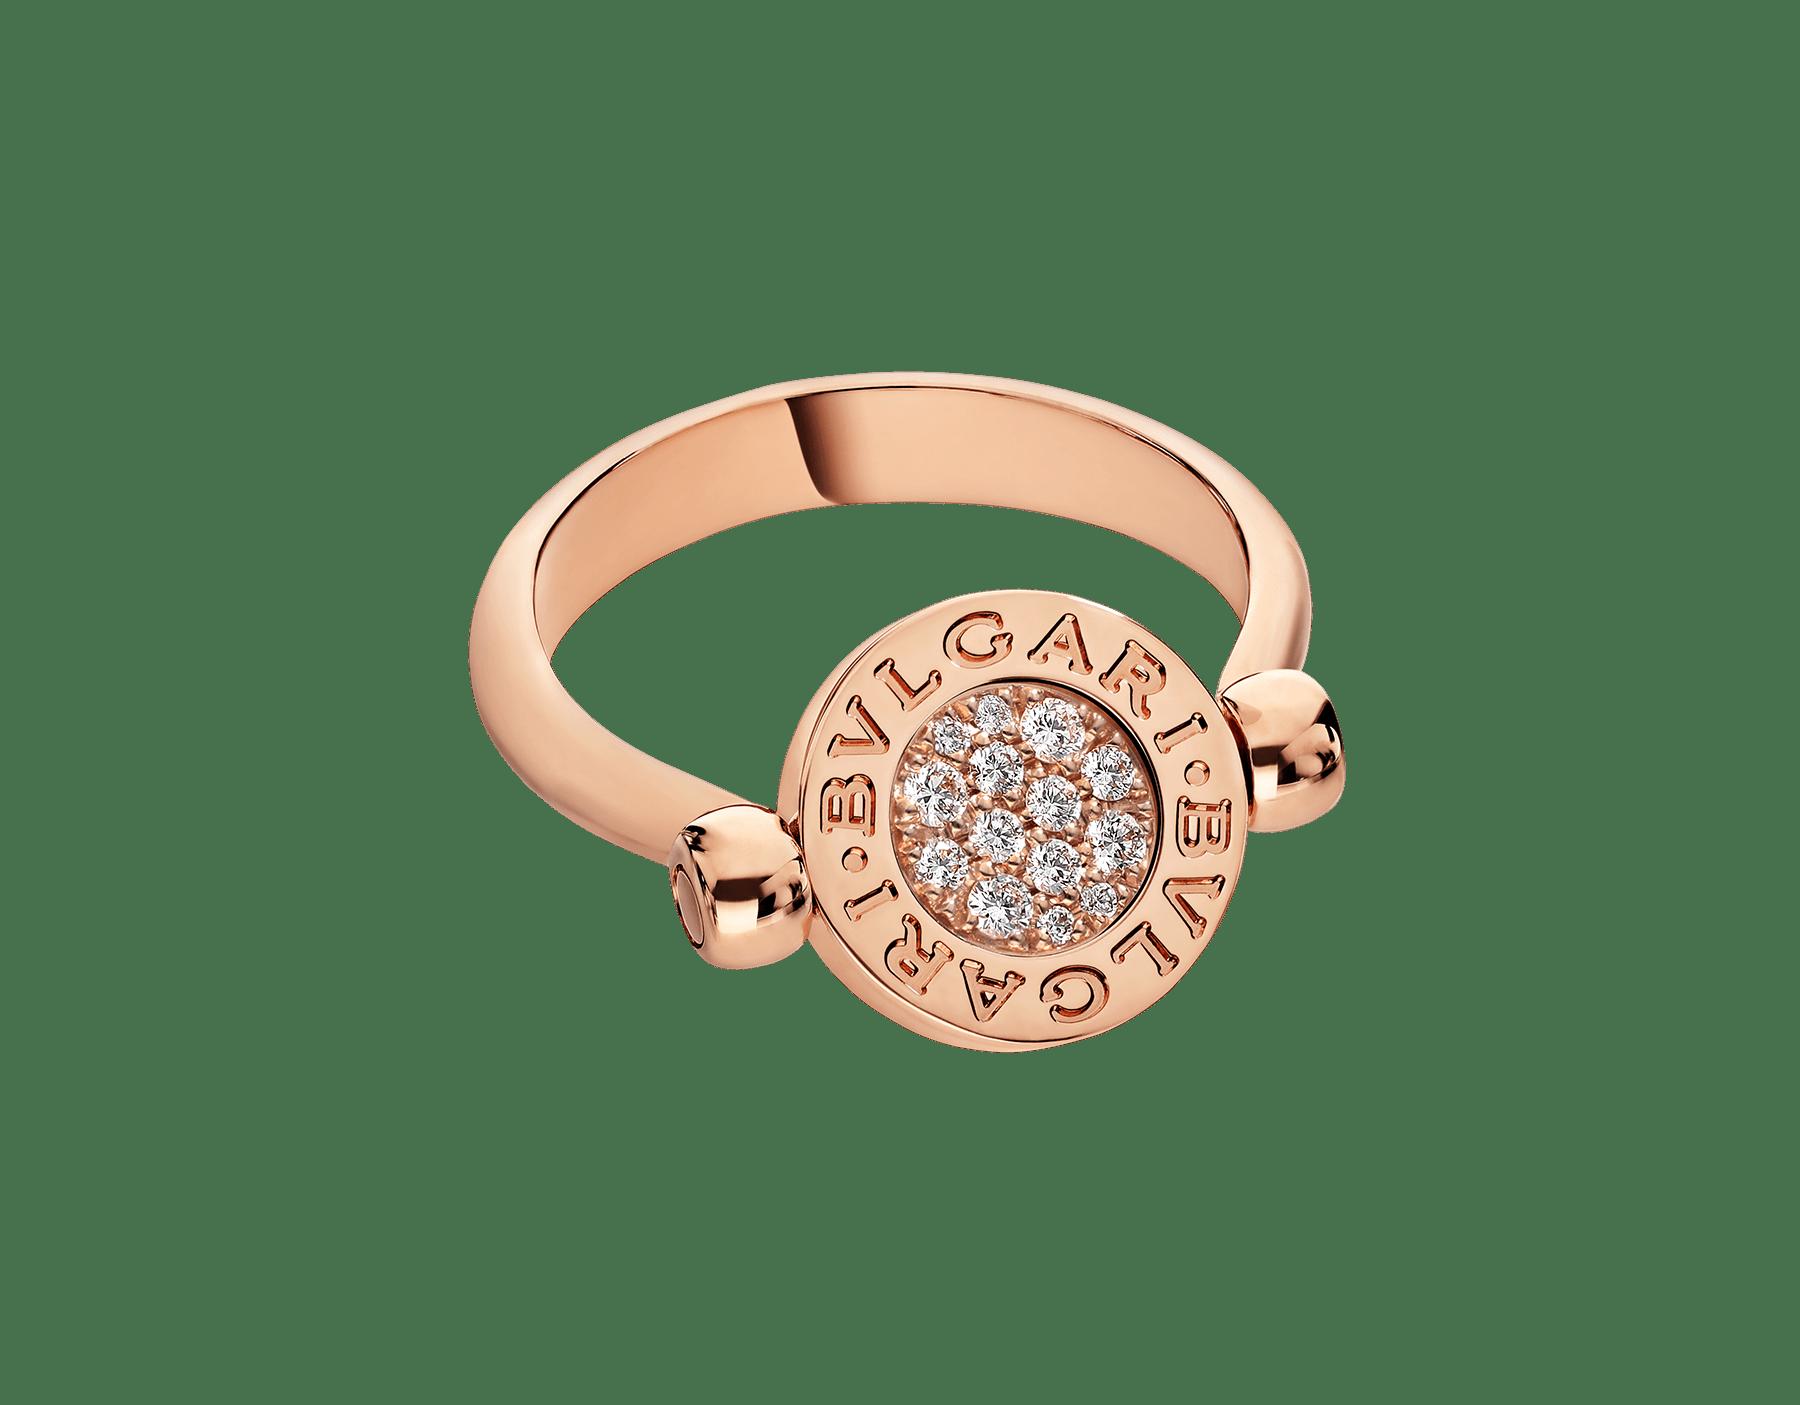 Bague réversible BVLGARI BVLGARI en or rose 18K sertie d'éléments en jade et pavé diamants AN857356 image 4